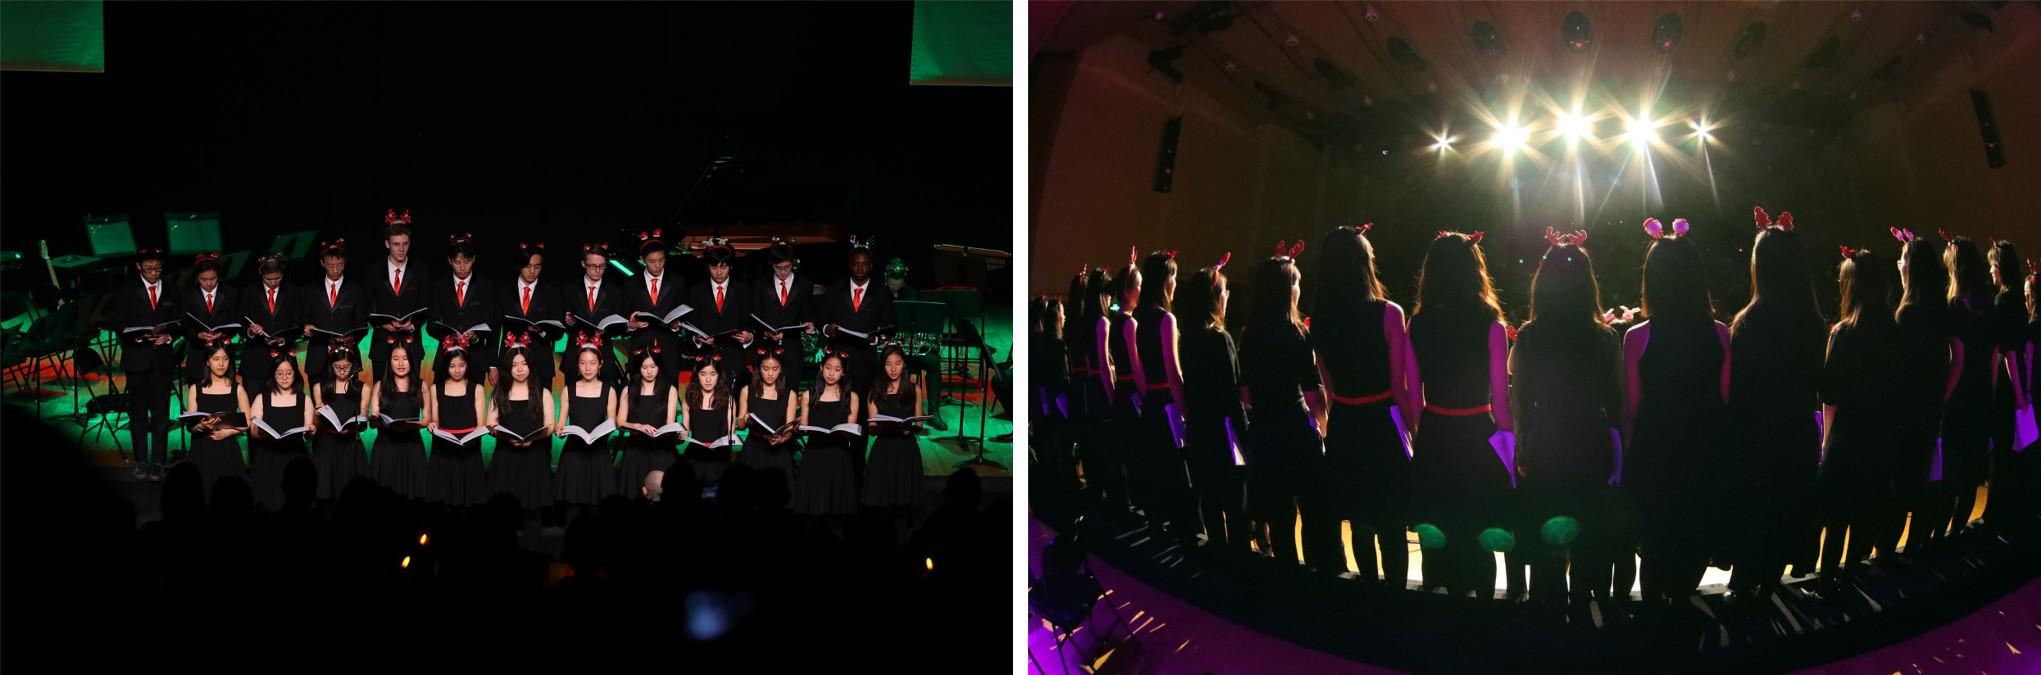 北京德威中学部圣诞音乐会